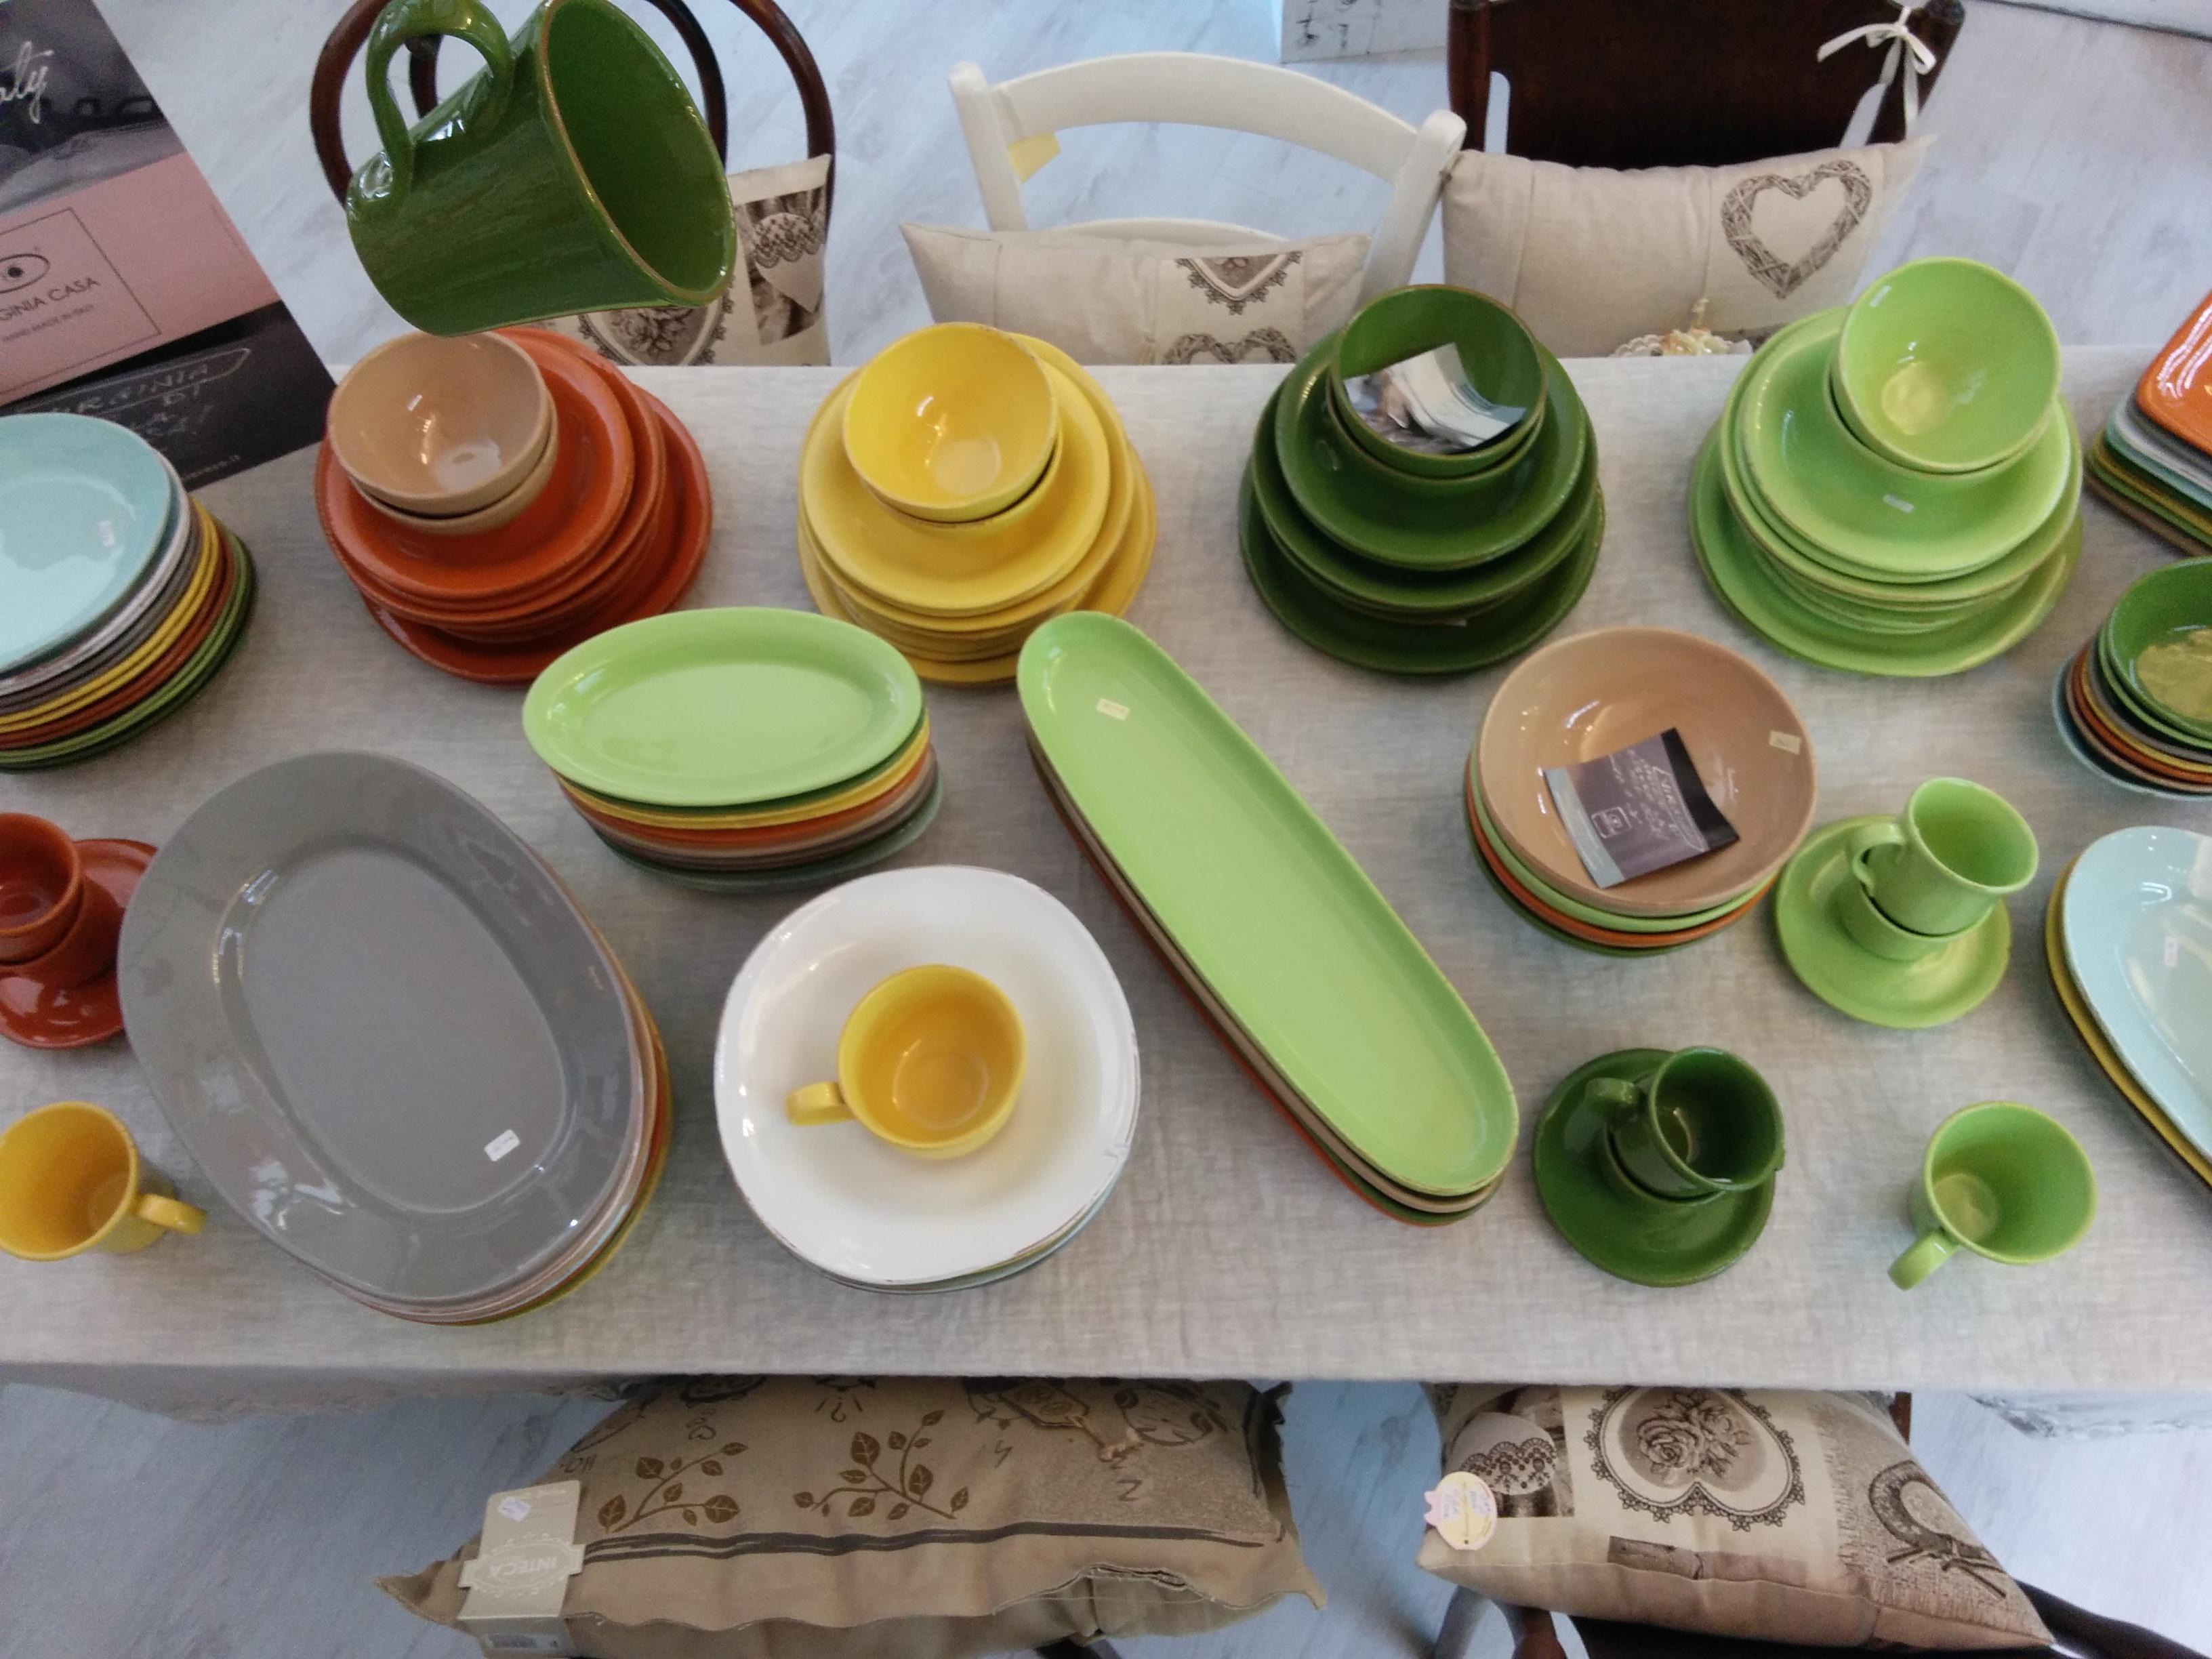 Virginia Casa Ceramiche Prezzi.I Piatti Della Linea Tavolozza In Promozione La Culla Delle Idee